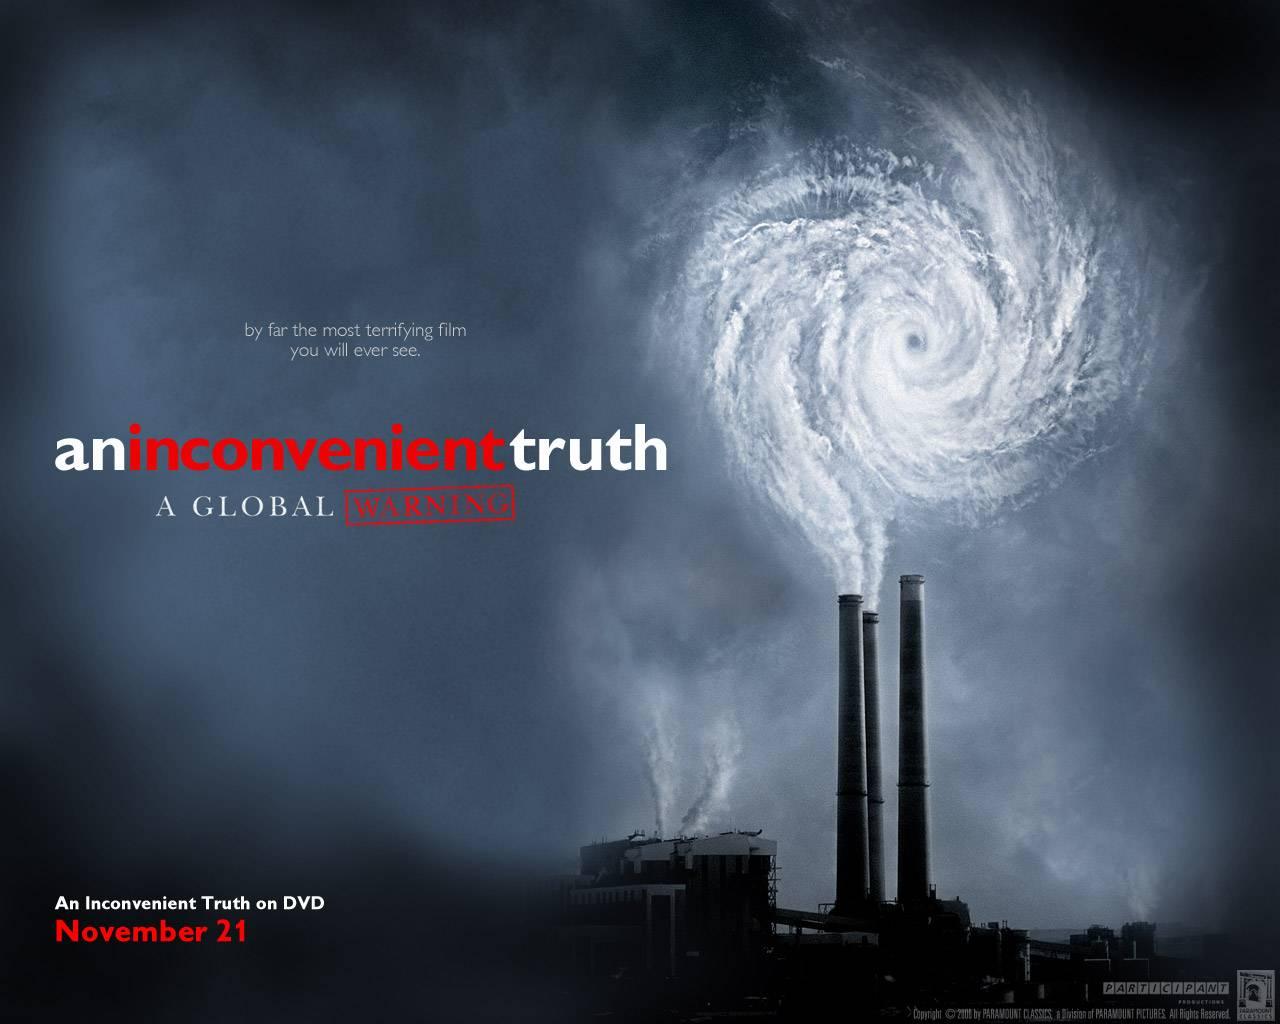 iklimkrizi11 Eğer gezegeninizi seviyorsanız / Eğer çocuklarınızı seviyorsanız / Bu filmi izlemelisiniz. Eğer gezegeninizi seviyorsanız / Eğer çocuklarınızı seviyorsanız / Bu filmi izlemelisiniz.